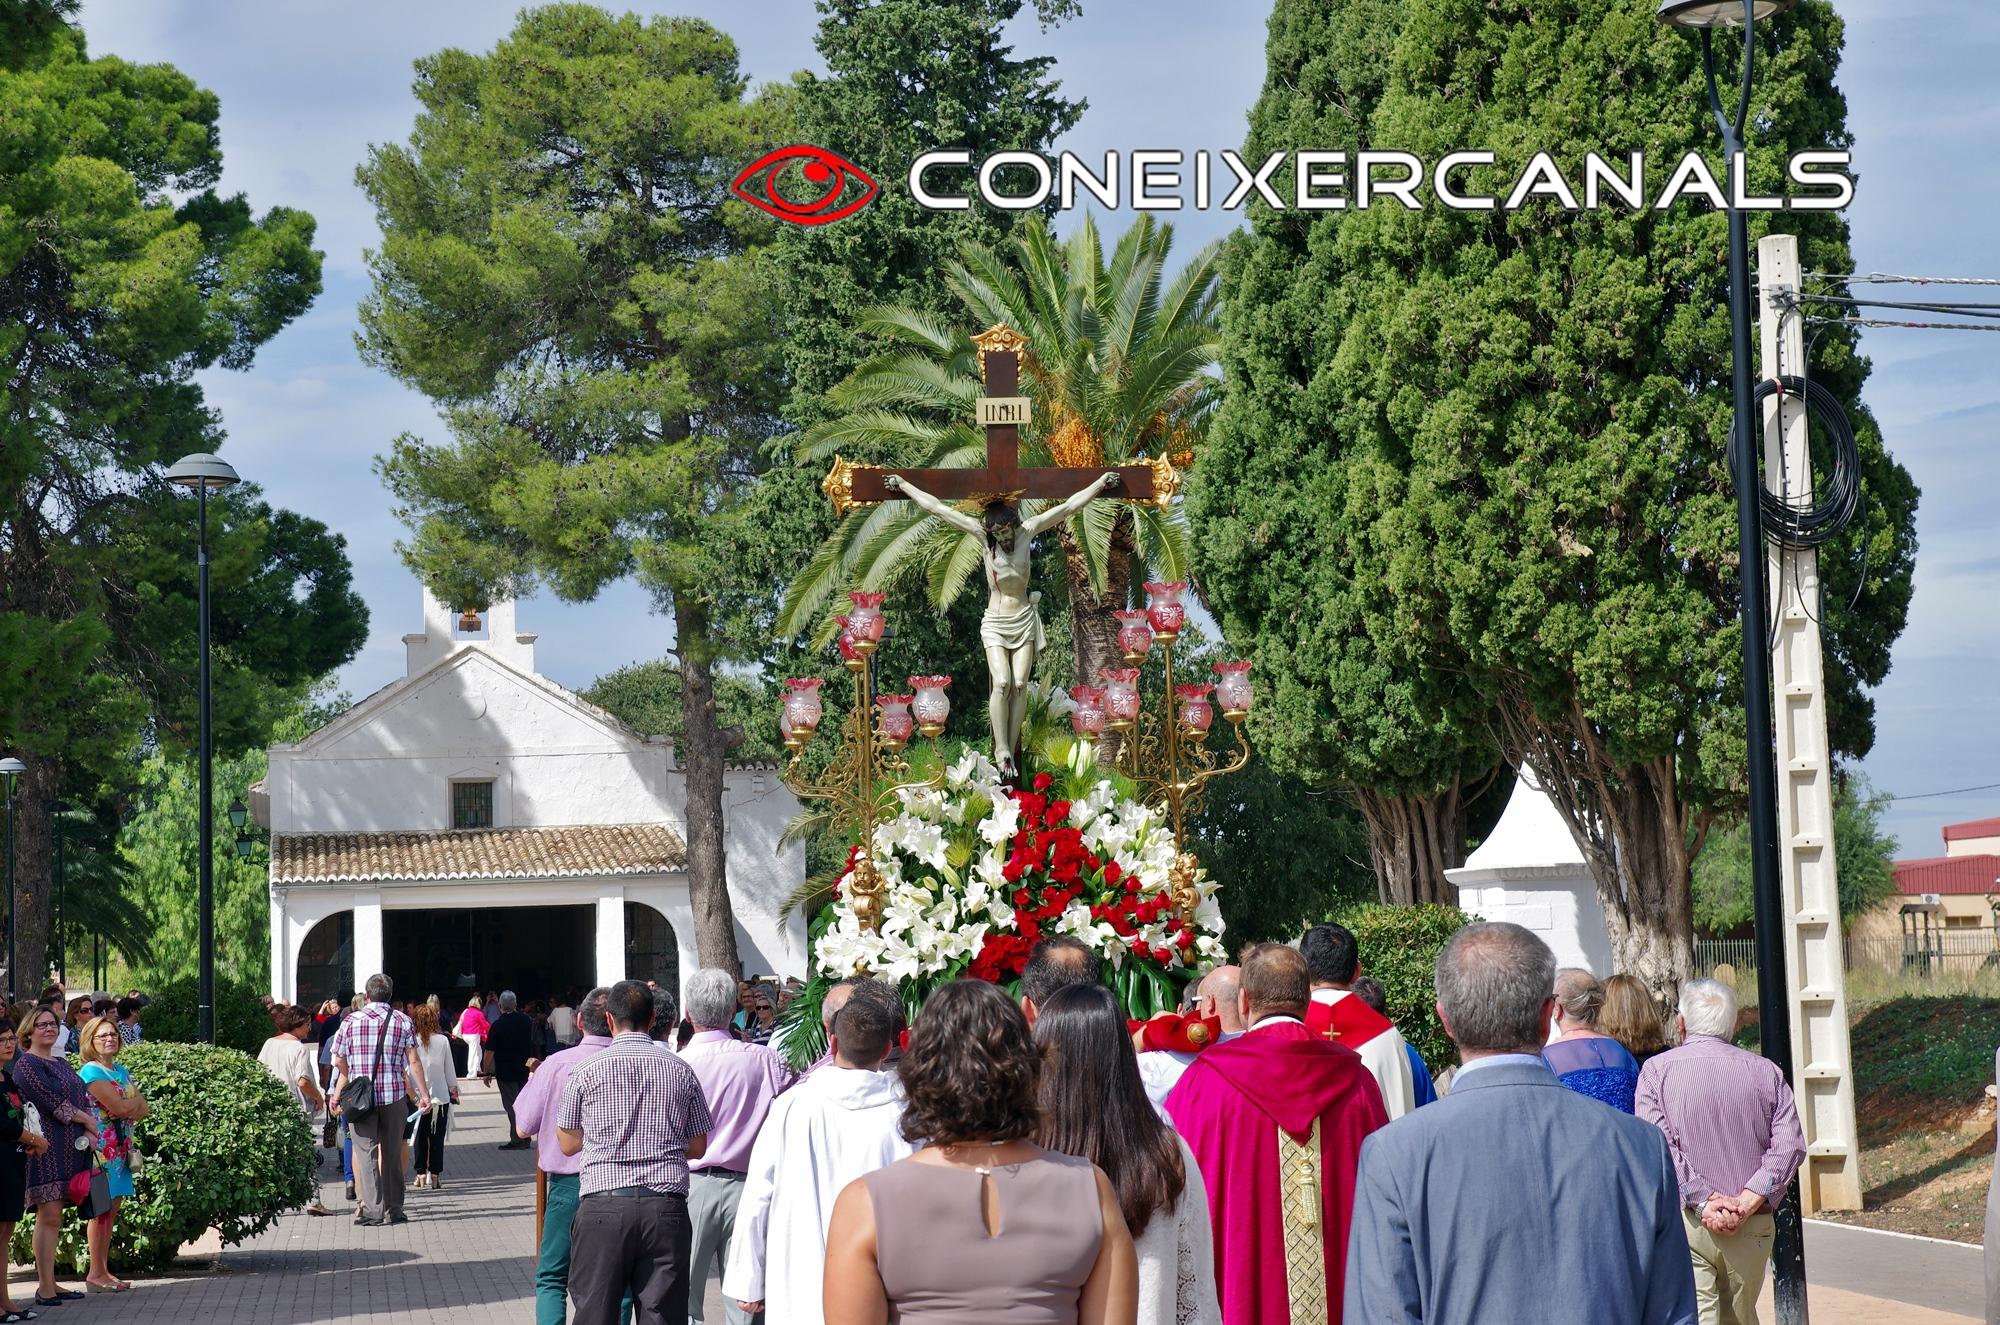 Canals puja el Cristo de la salut el diumenge a migdía